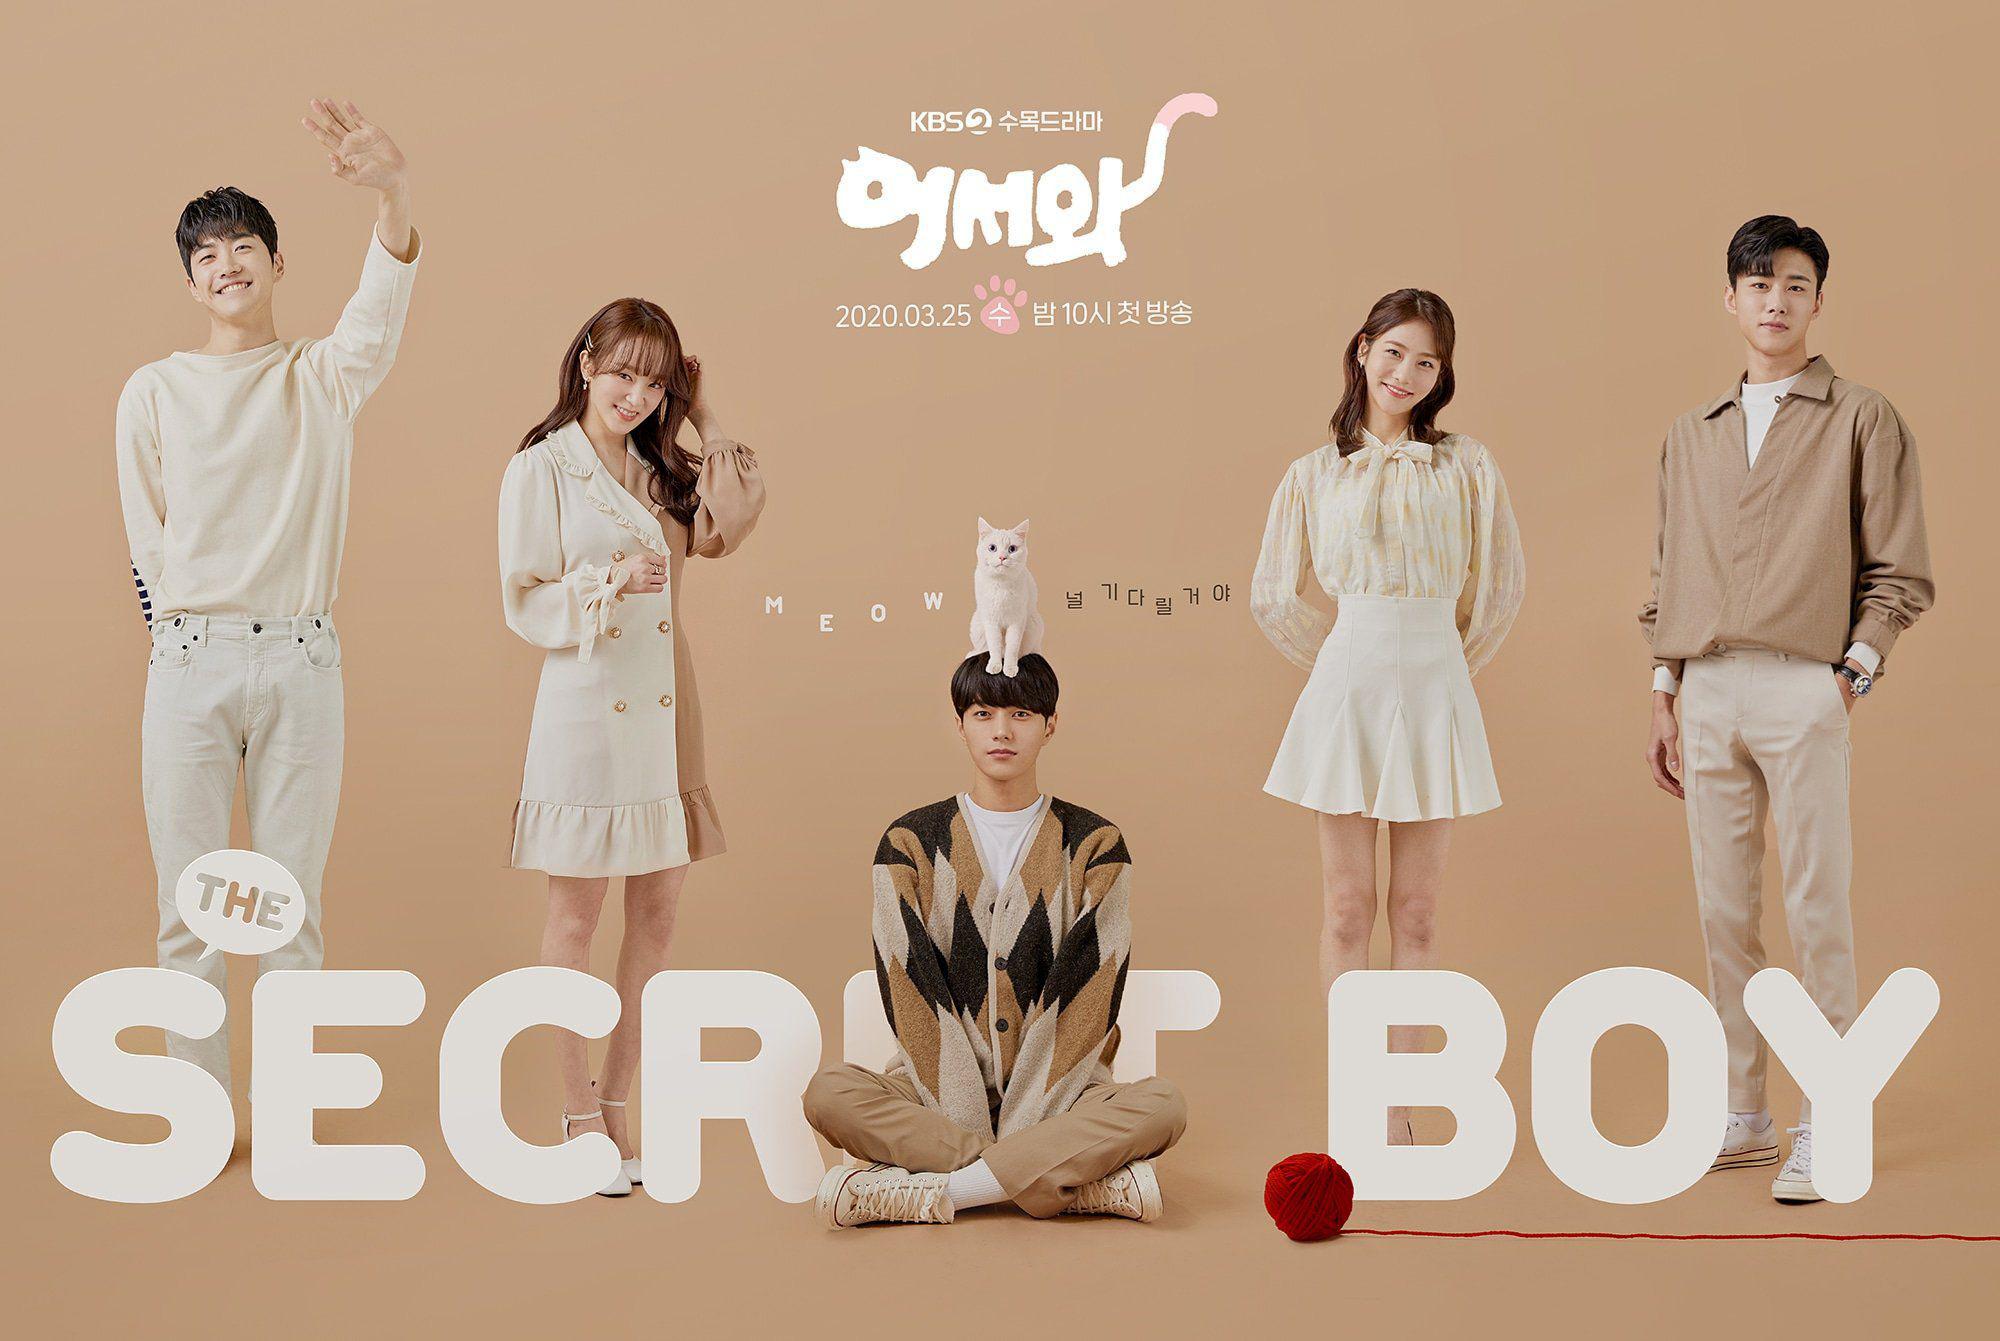 truyền hình Hàn Quốc Meow, Chàng Trai Bí Ẩn - Meow, the Secret Boy (2020)